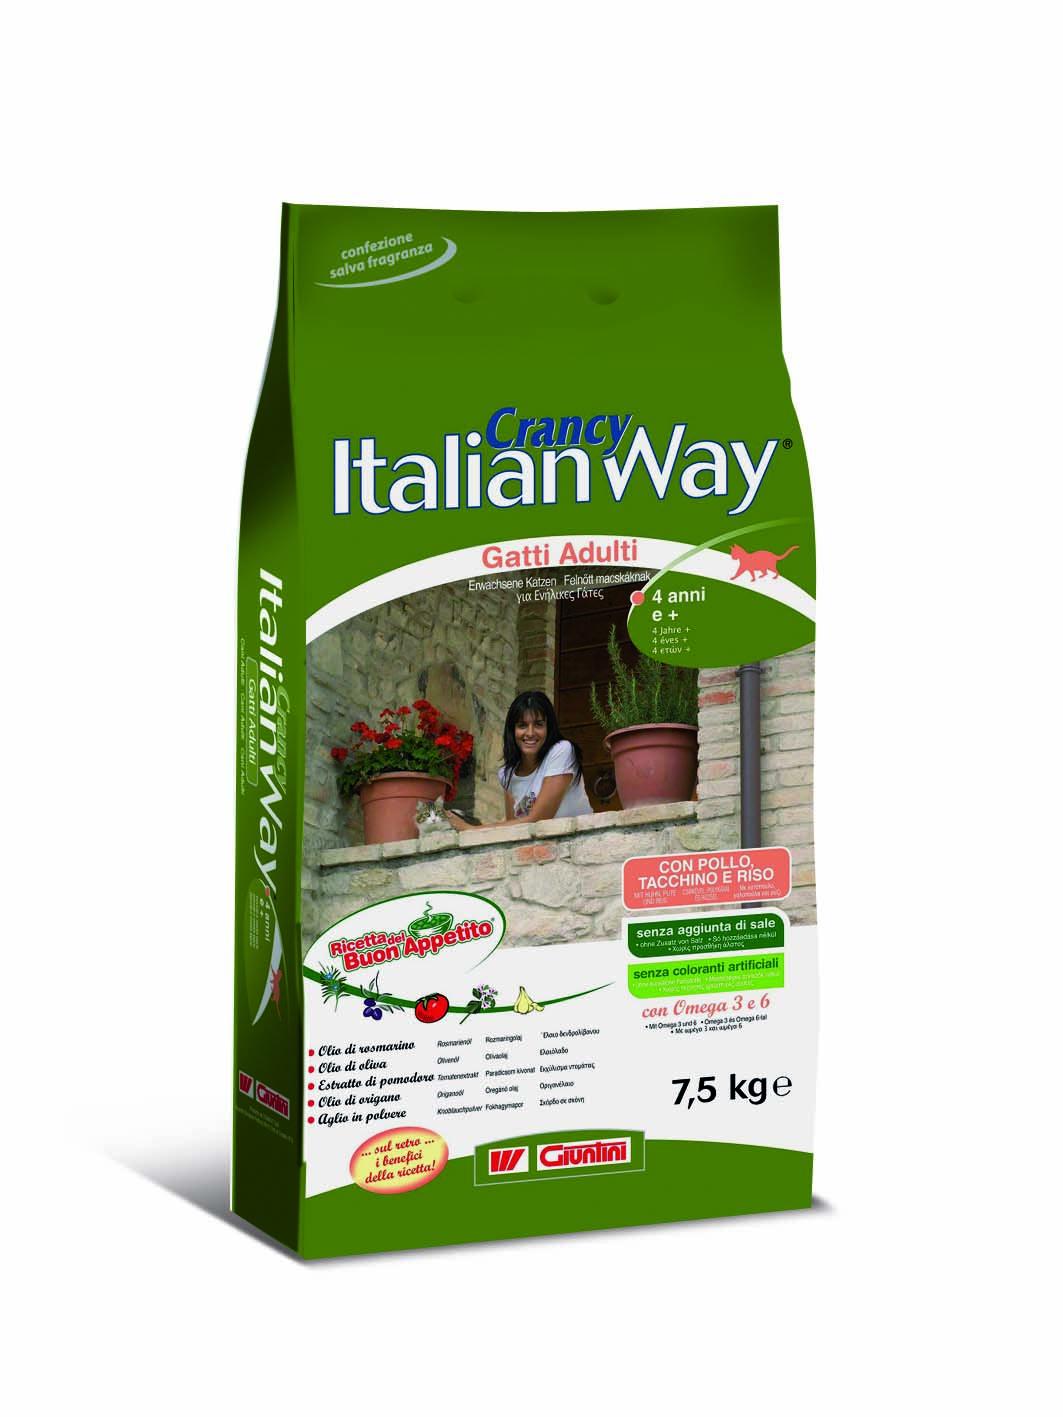 GIUNTINI - CONAGIT - Crancy Italian Way per Gatti Adulti da 4 anni e +